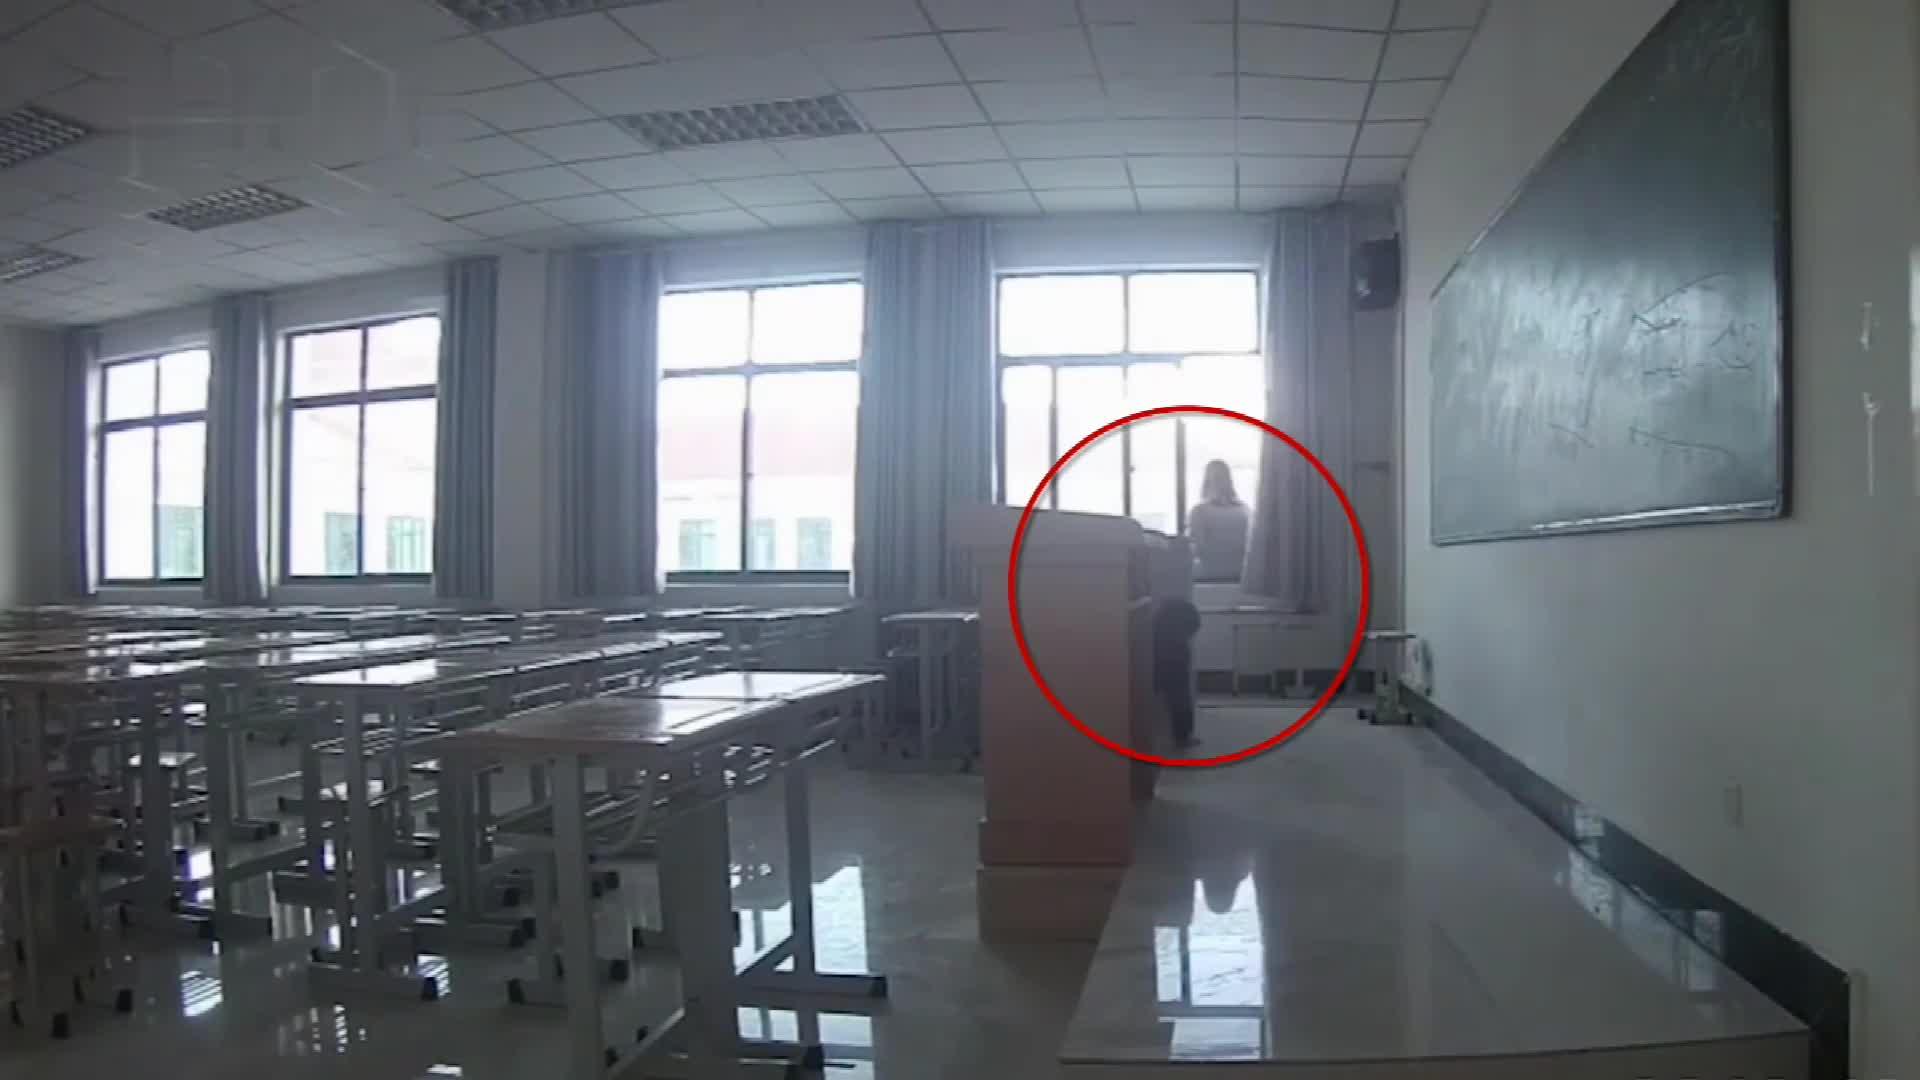 #热点新闻#女大学生为情所困欲跳楼 民警跪着爬进教室救人